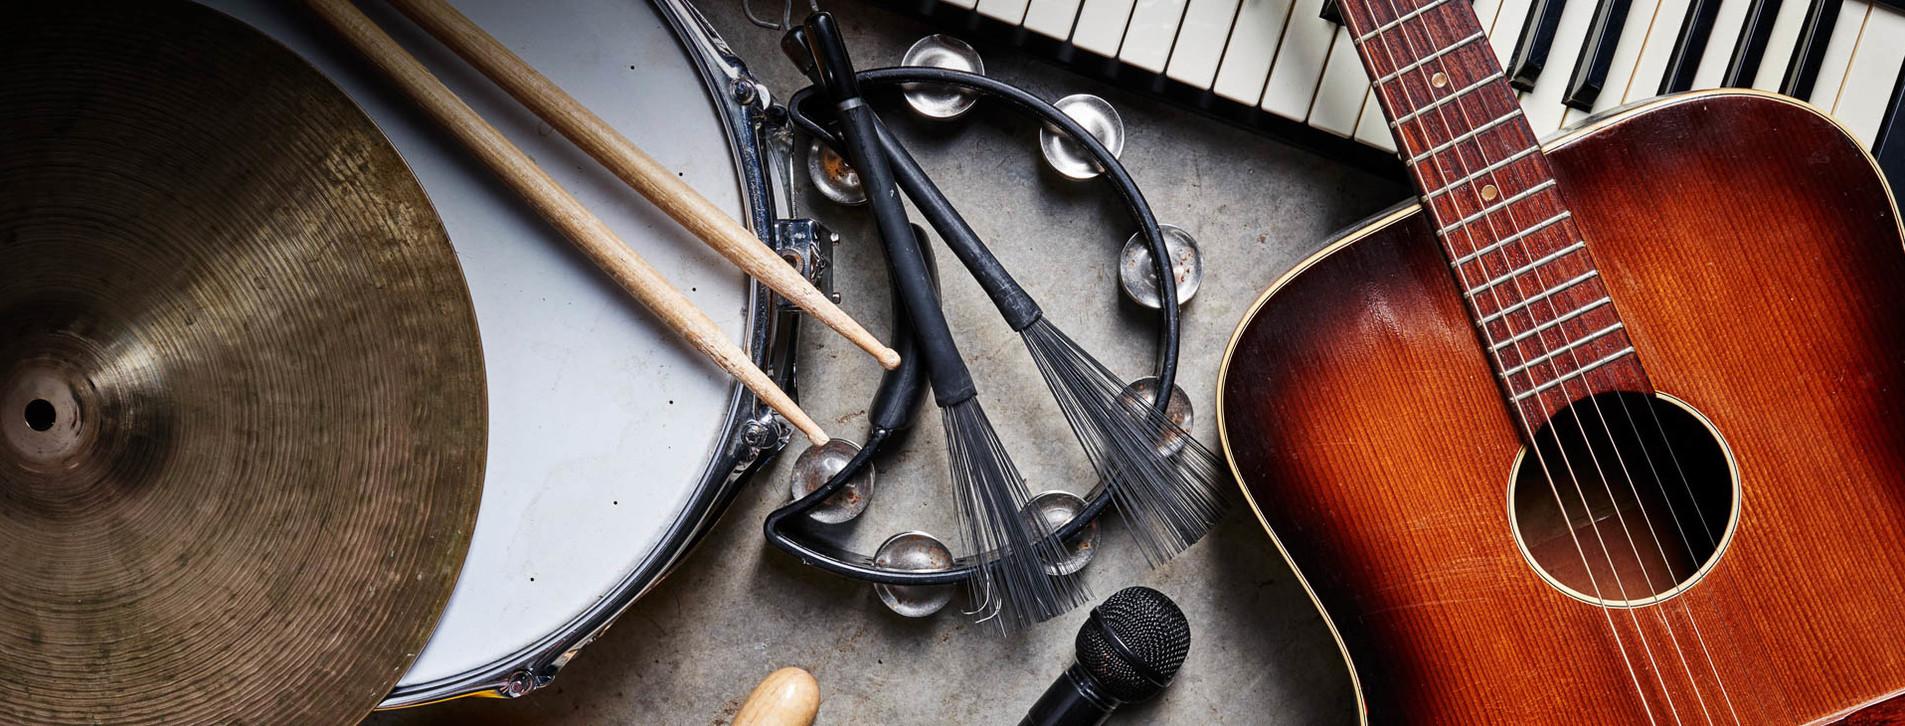 Фото 1 - Игра на 5 музыкальных инструментах